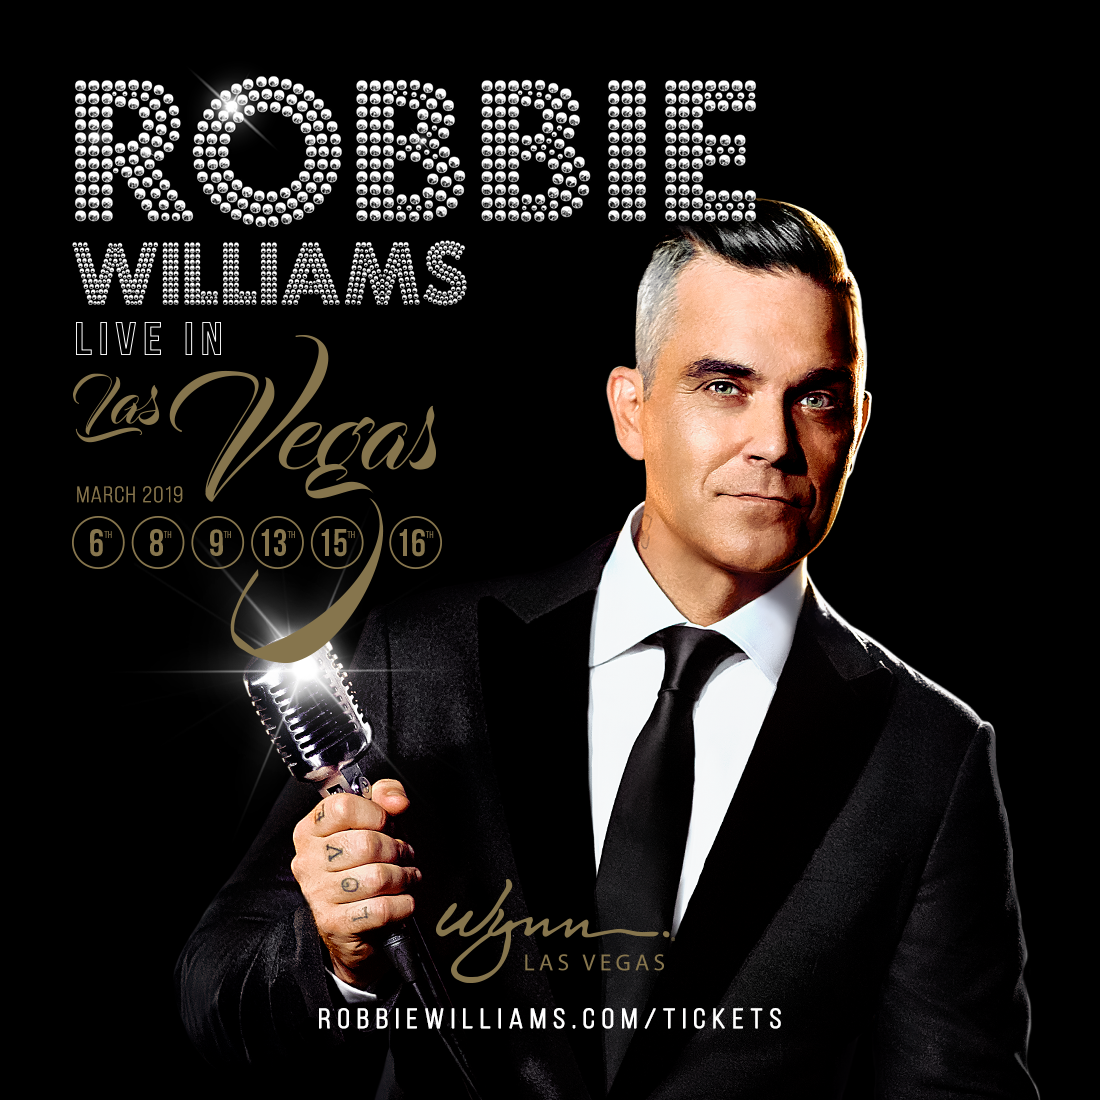 Robbie Williams anuncia su primera residencia en Las Vegas